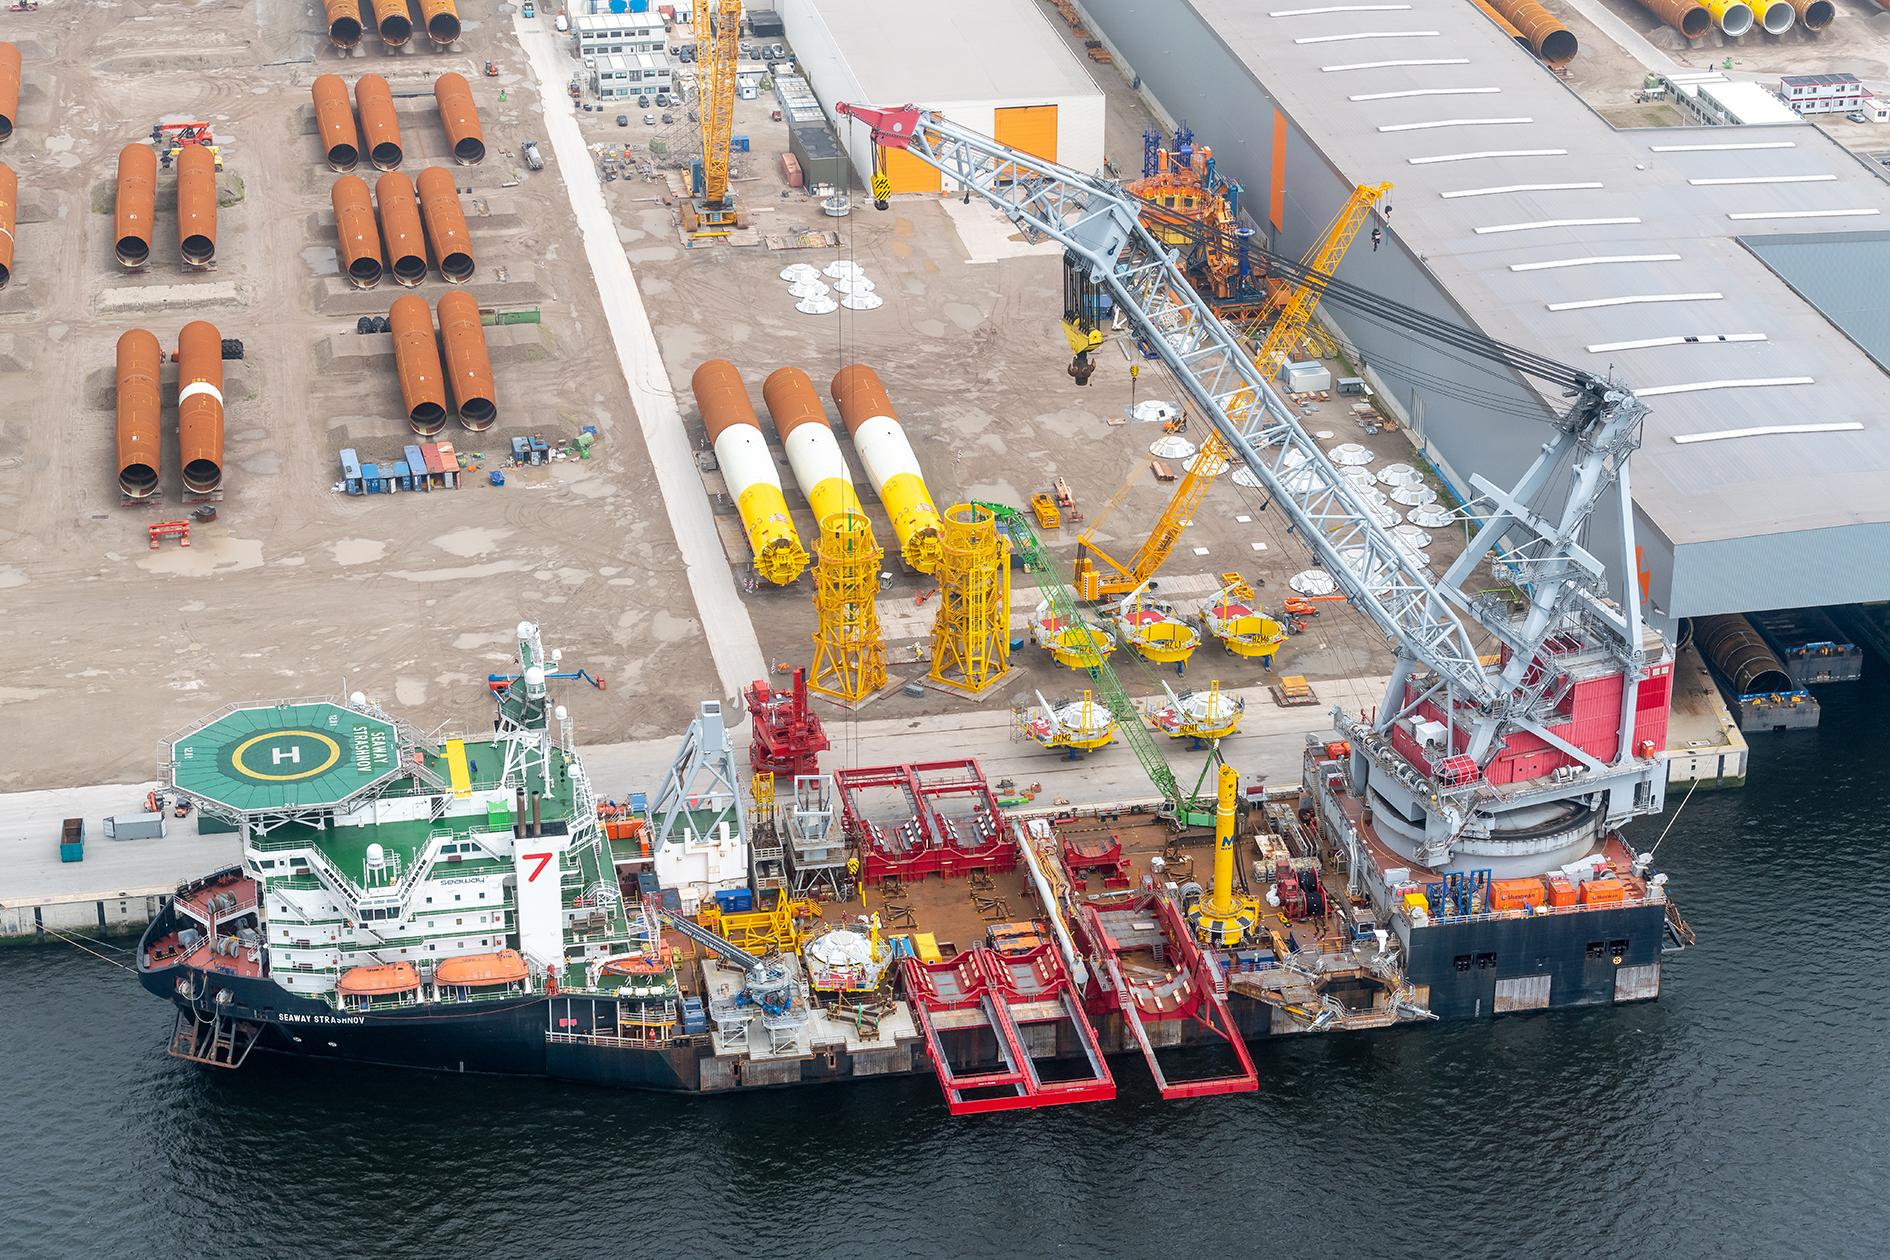 De Seaway Strashnov ligt in Rotterdam klaar voor vertrek richting de Noordzee. (Foto Vattenfall/Paul Martens)